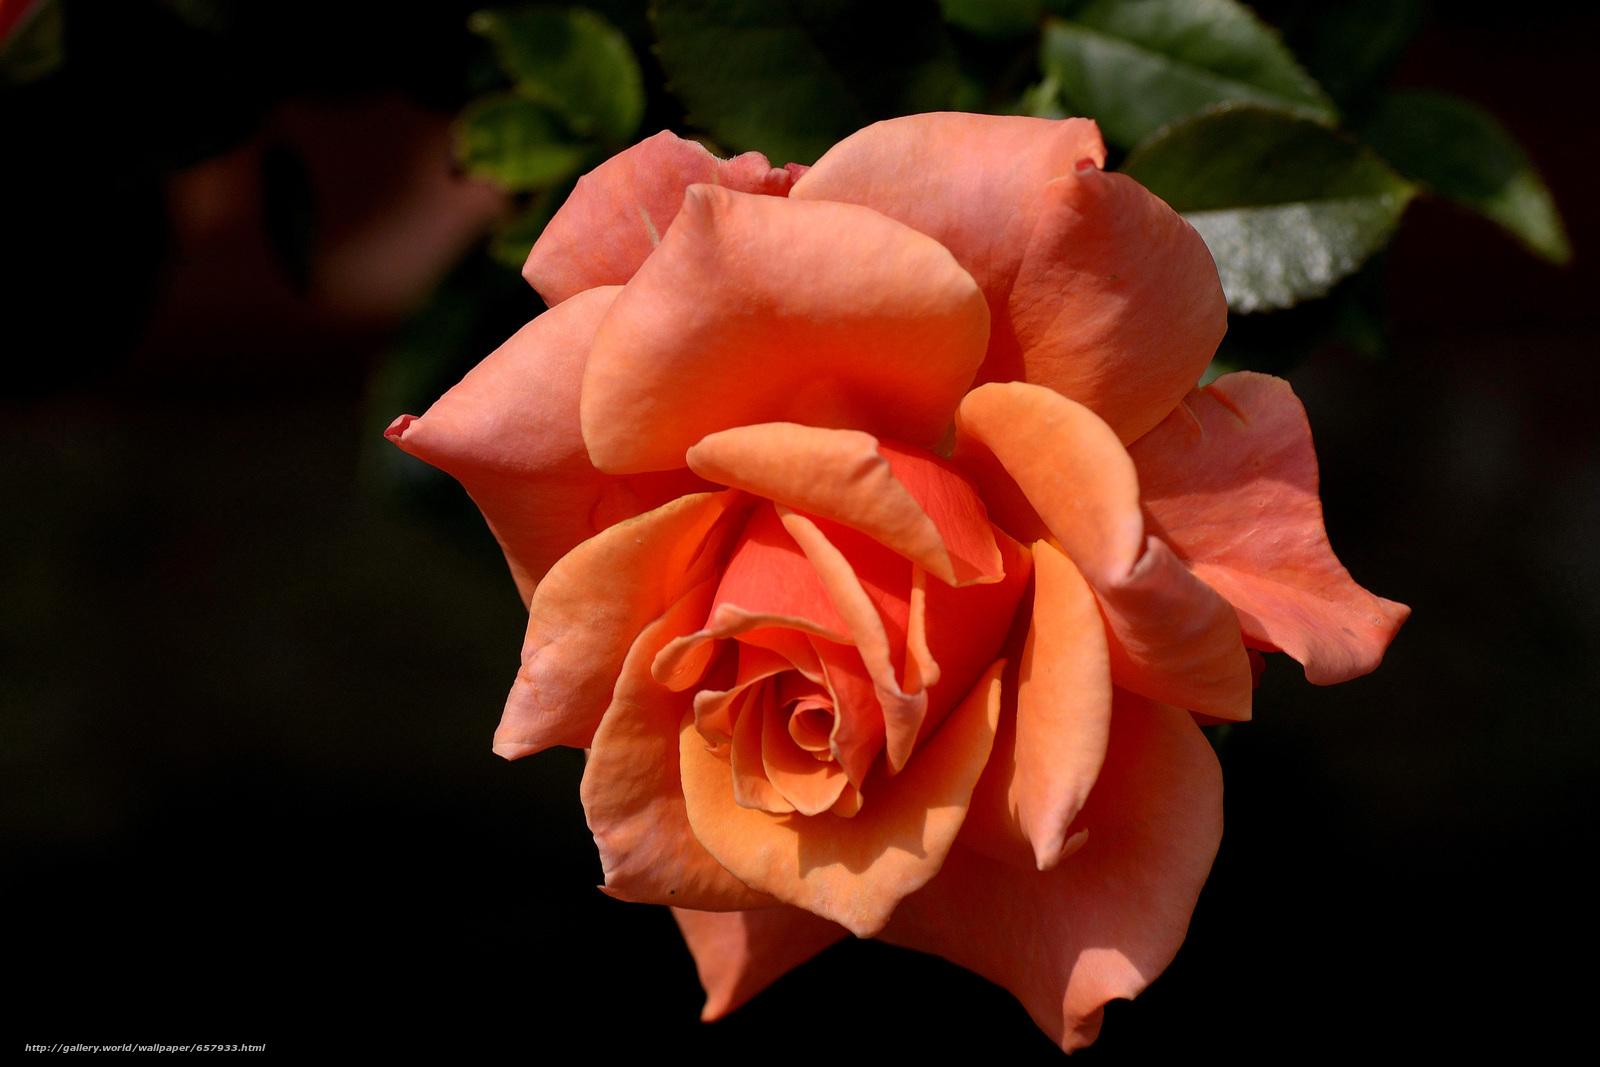 Скачать обои роза,  розы,  цветок,  цветы бесплатно для рабочего стола в разрешении 4625x3083 — картинка №657933